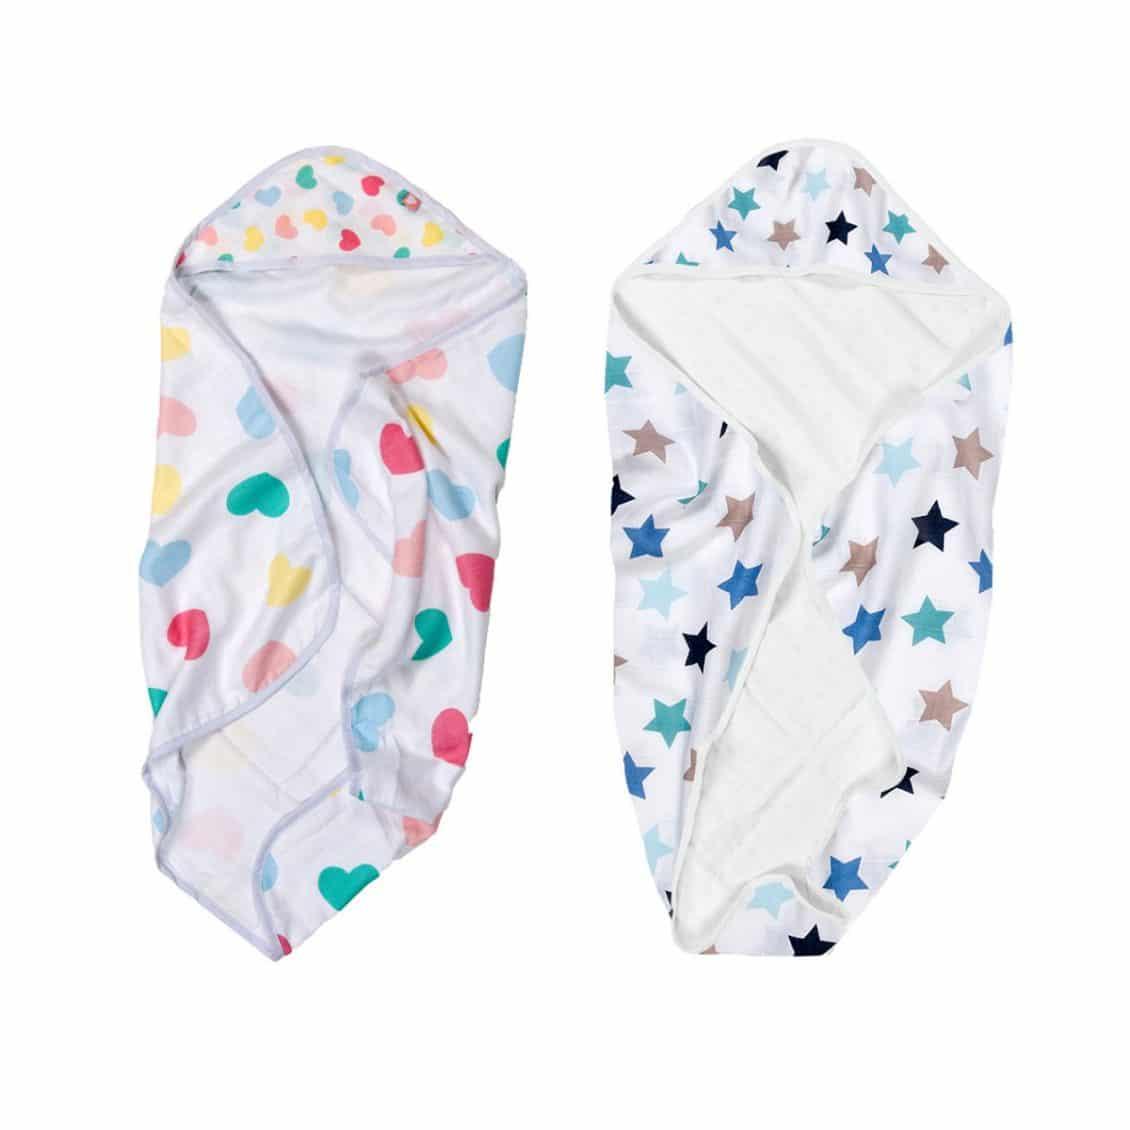 regali battesimo - tovaglia-bagnetto-bambini-cappuccio-cuori-e-stelle